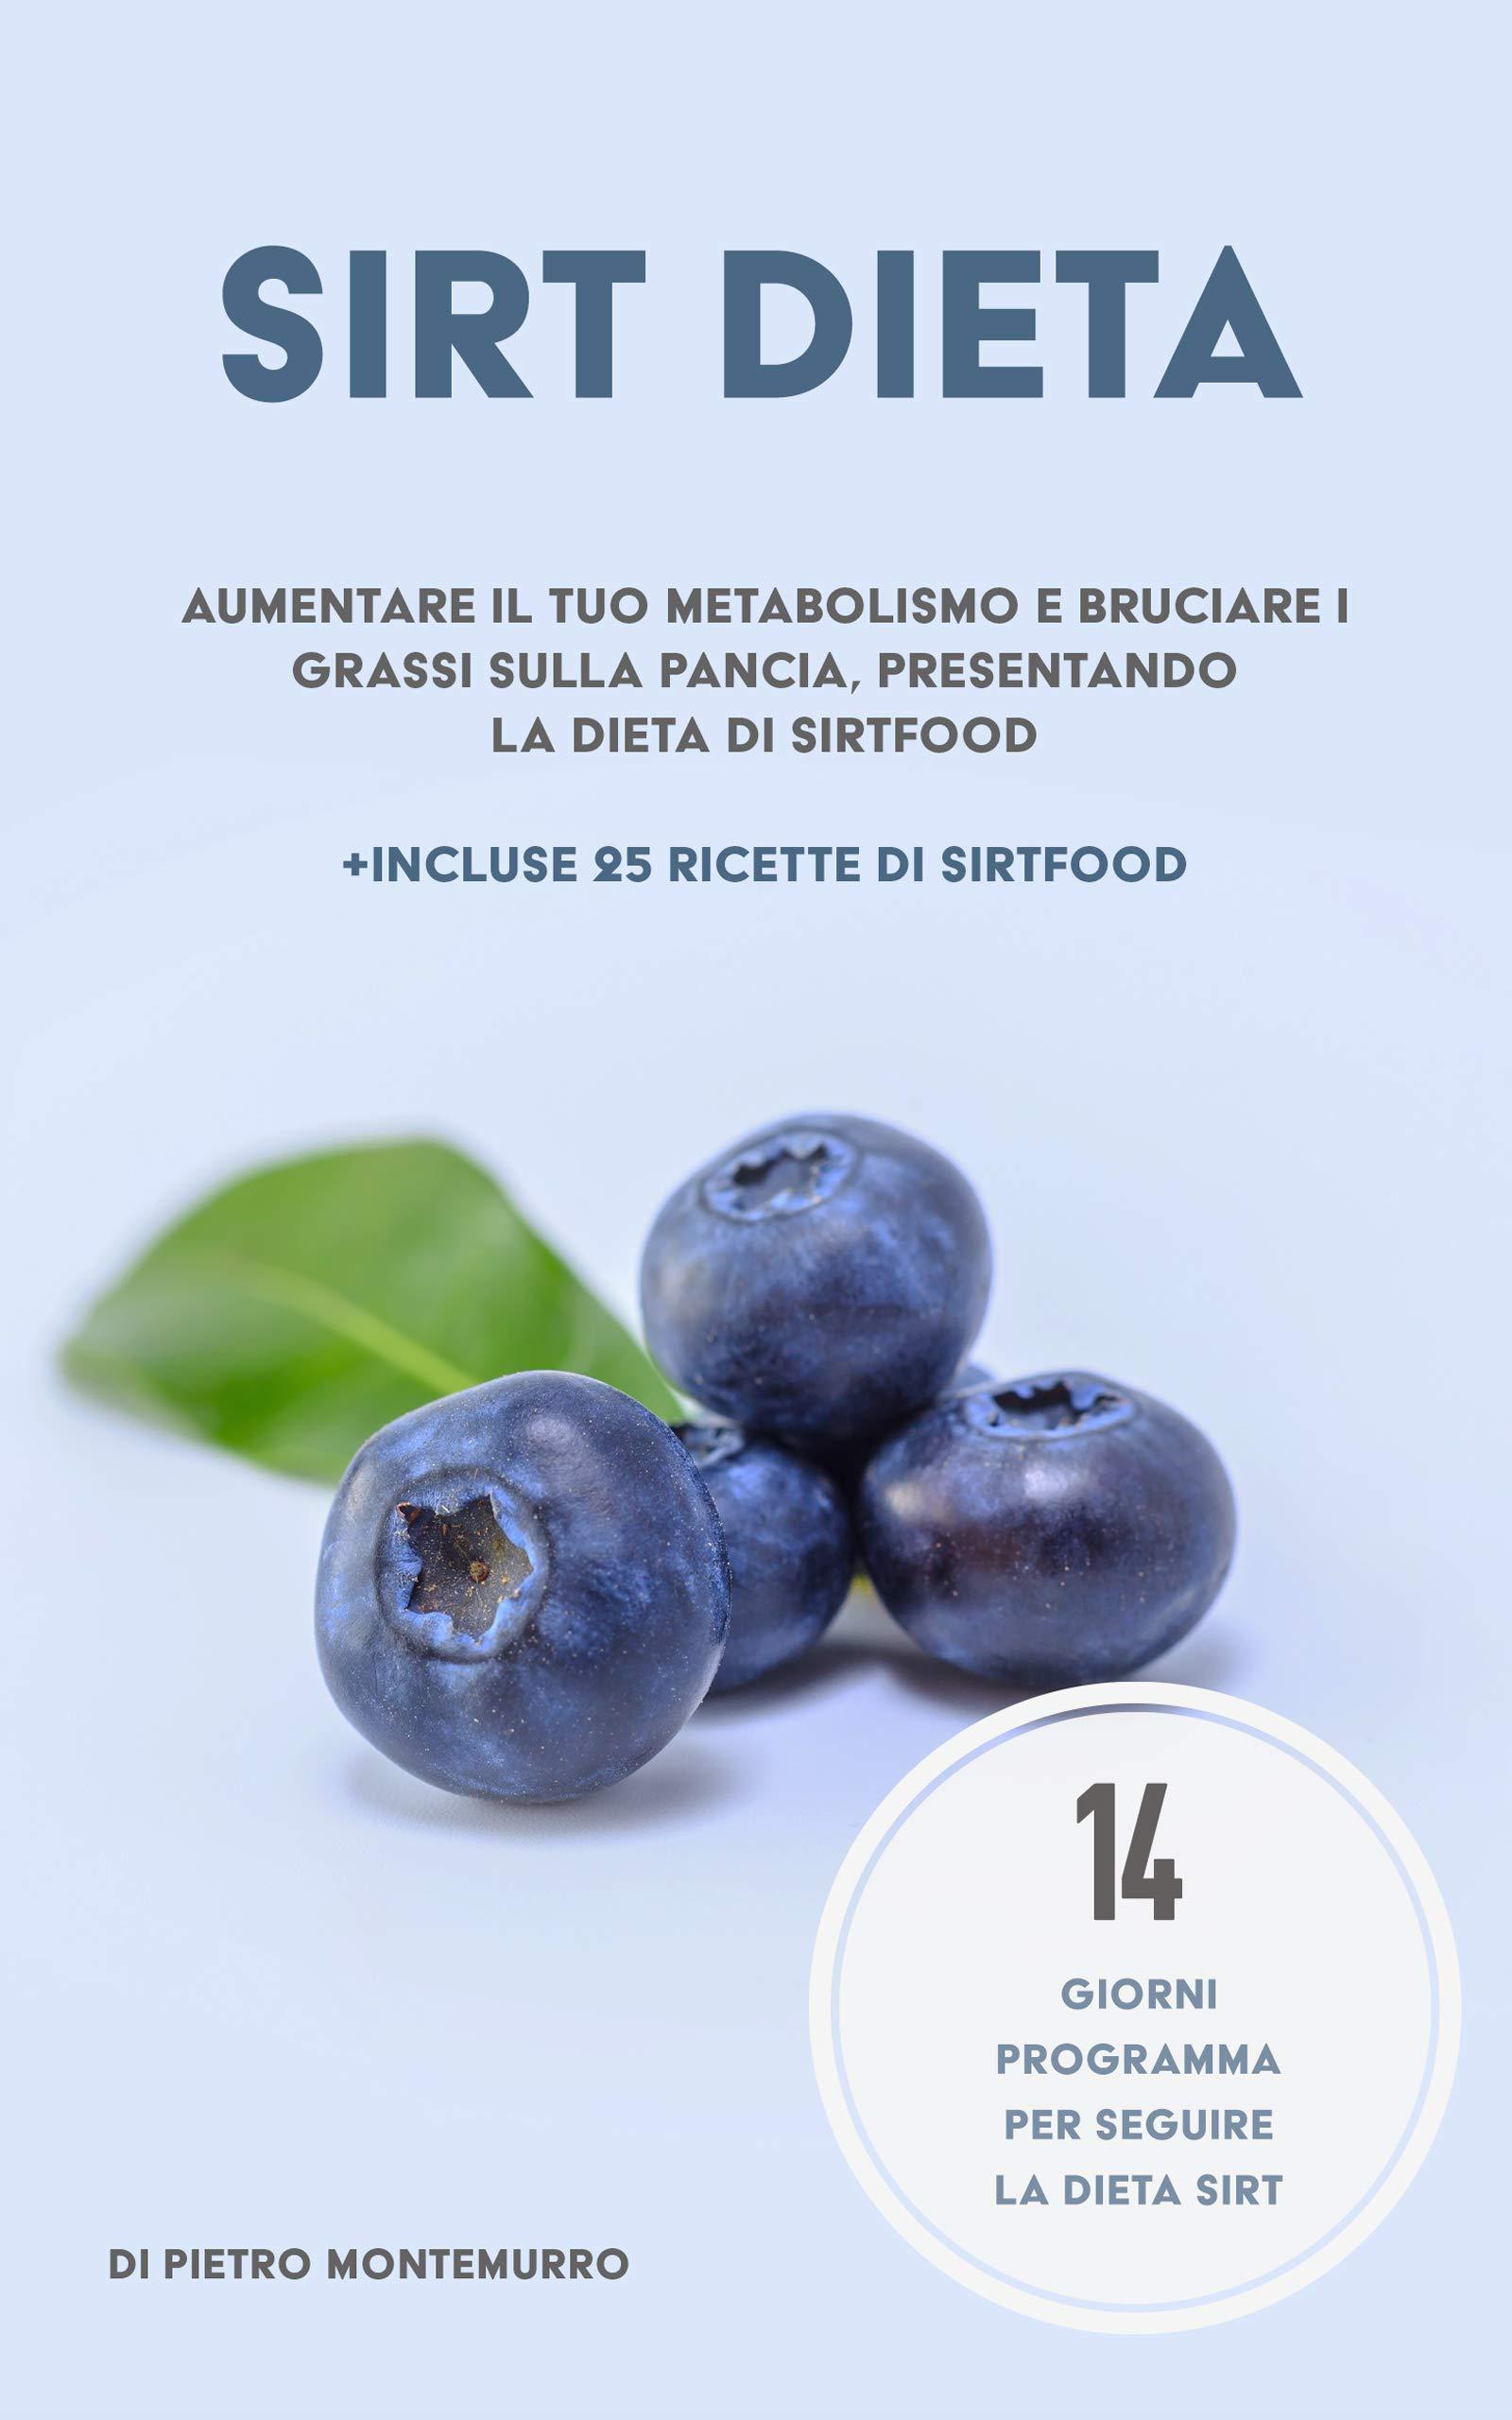 La dieta Sirt: Migliora il tuo metabolismo e brucia i grassi addominali con la dieta Sirt (In Forma e Salute Vol. 3) di Pietro Montemurro